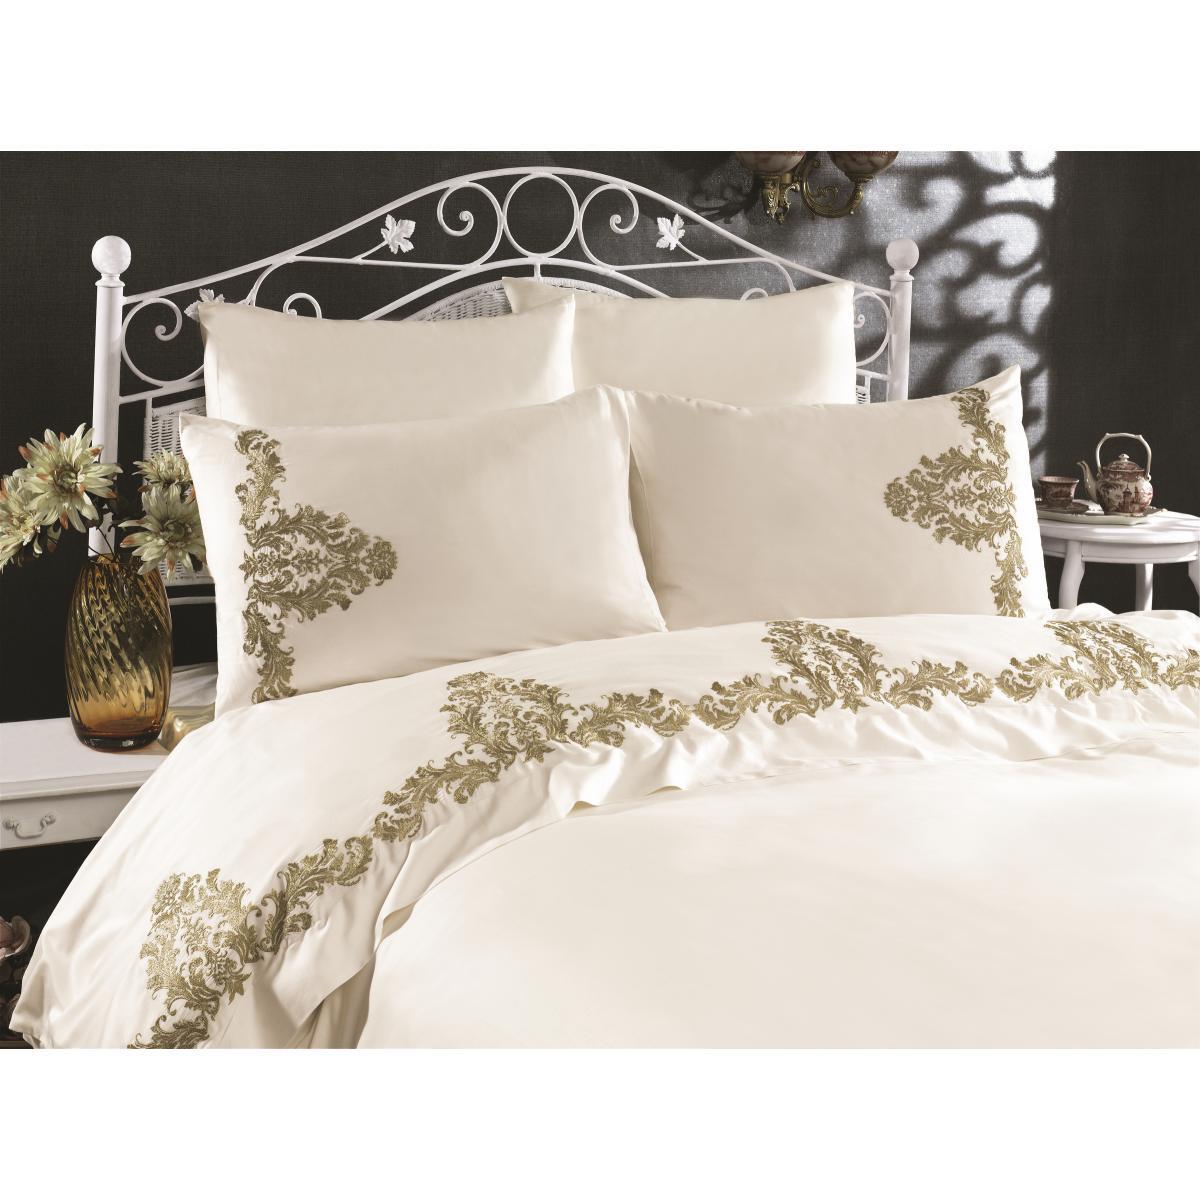 Двуспальное постельное Белье Arya c Кружевом Nova  200x220 см (TR1006888)